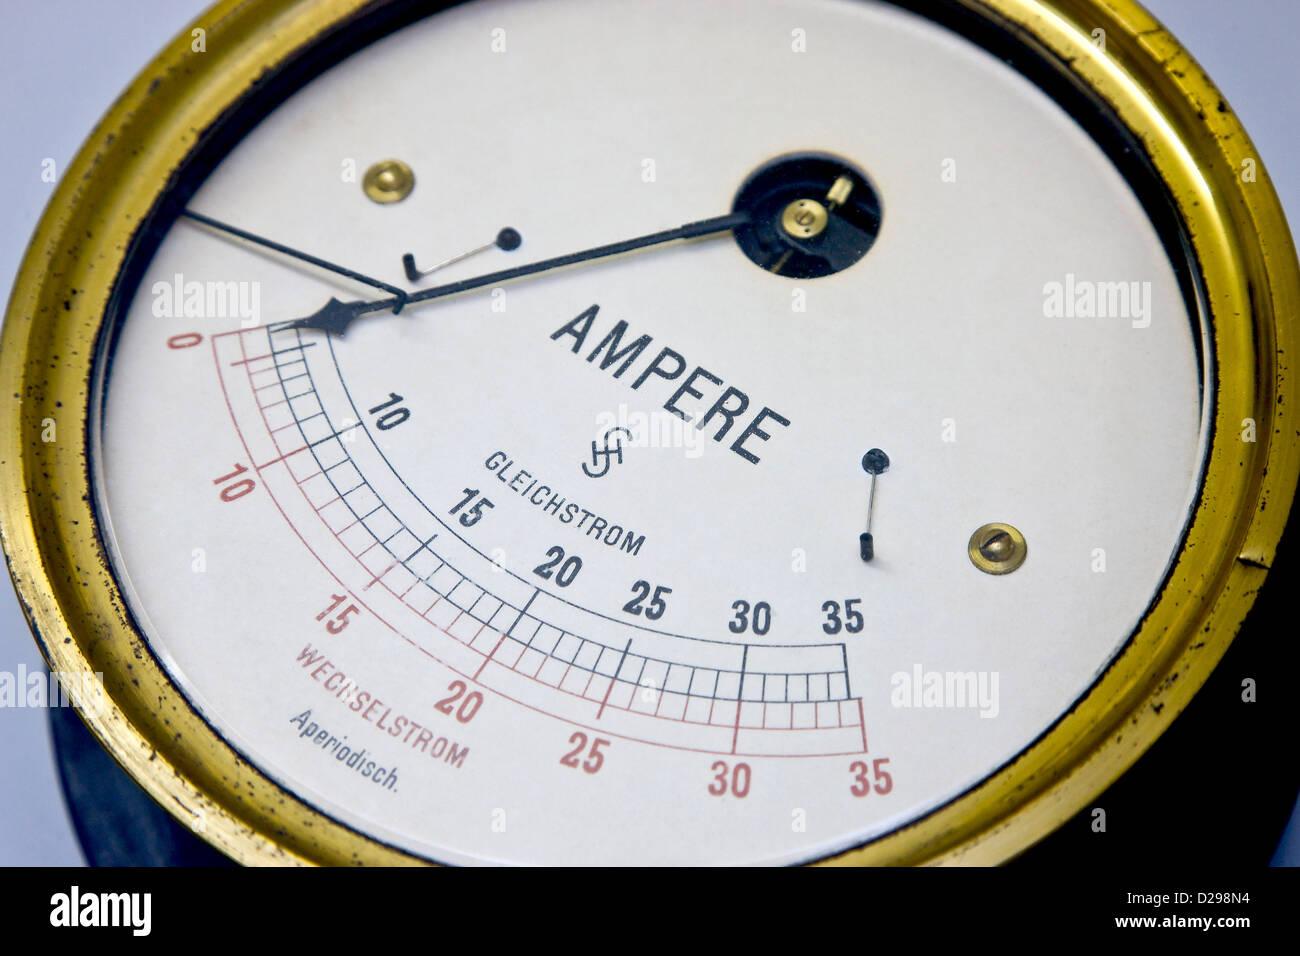 Schön Wie Viele Ampere Ist 14 Gauge Draht Gut Für Ideen - Der ...